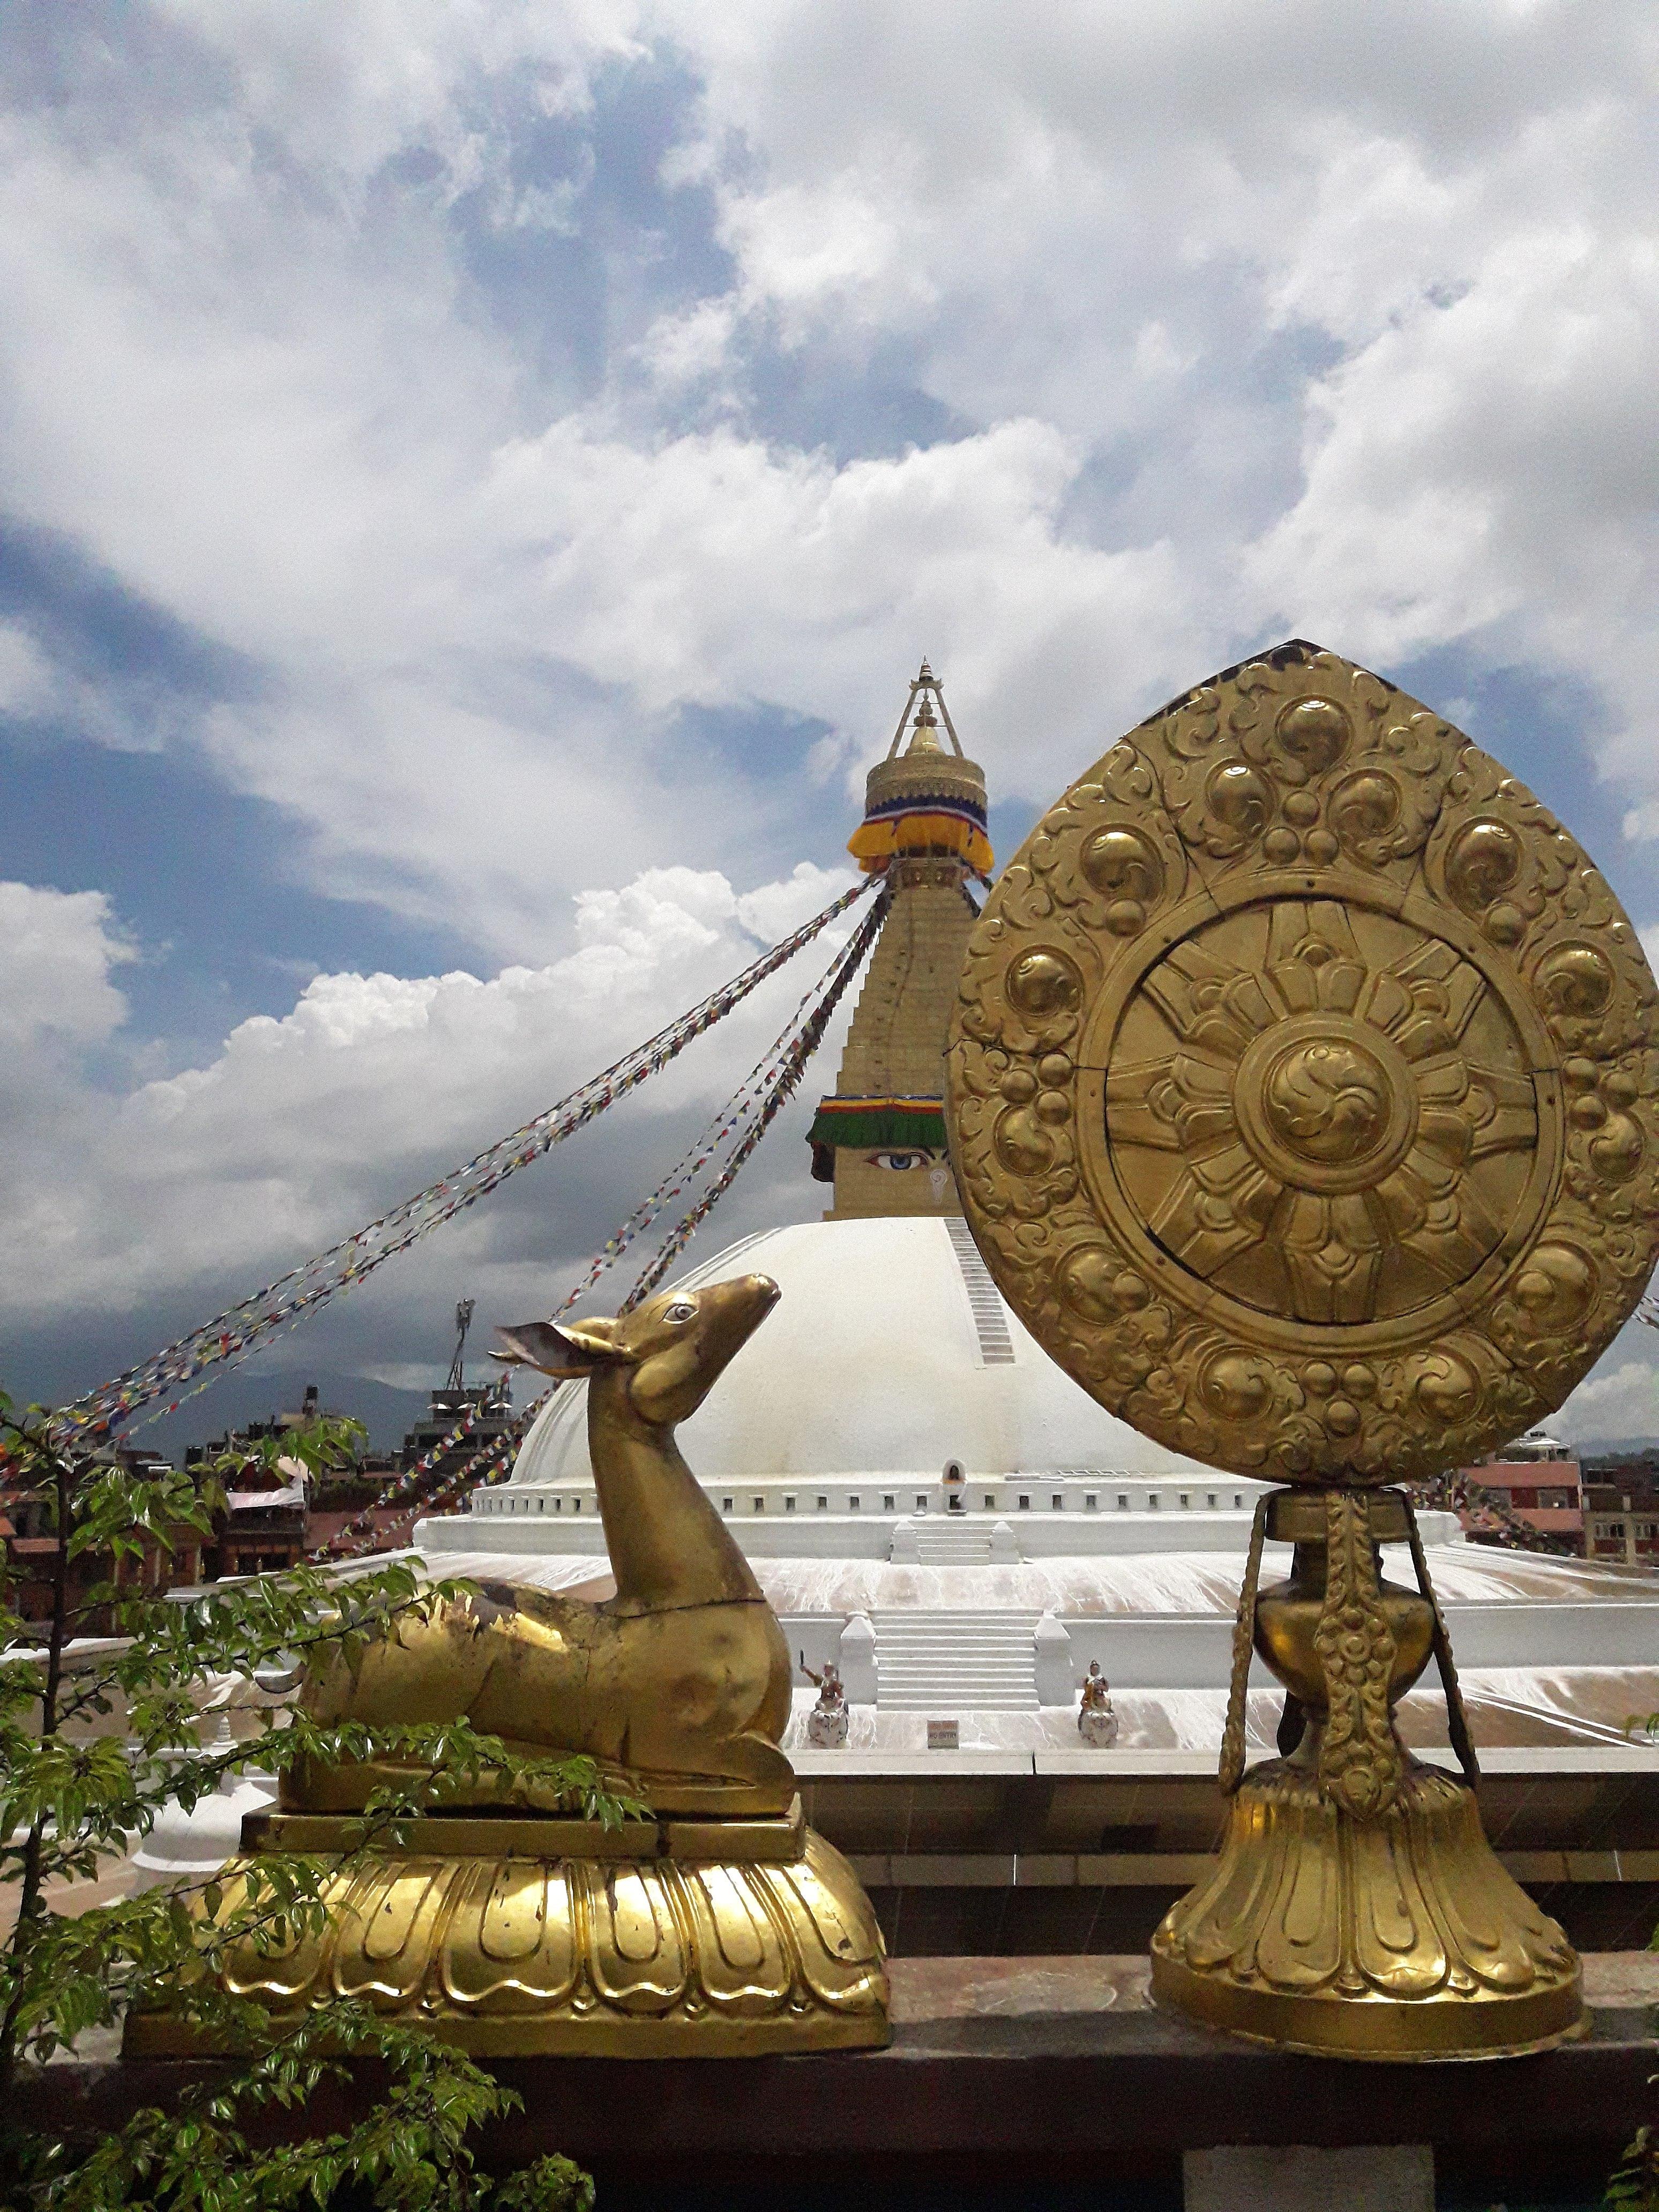 File:Bauddha Stupa 20170718 123728 jpg - Wikipedia